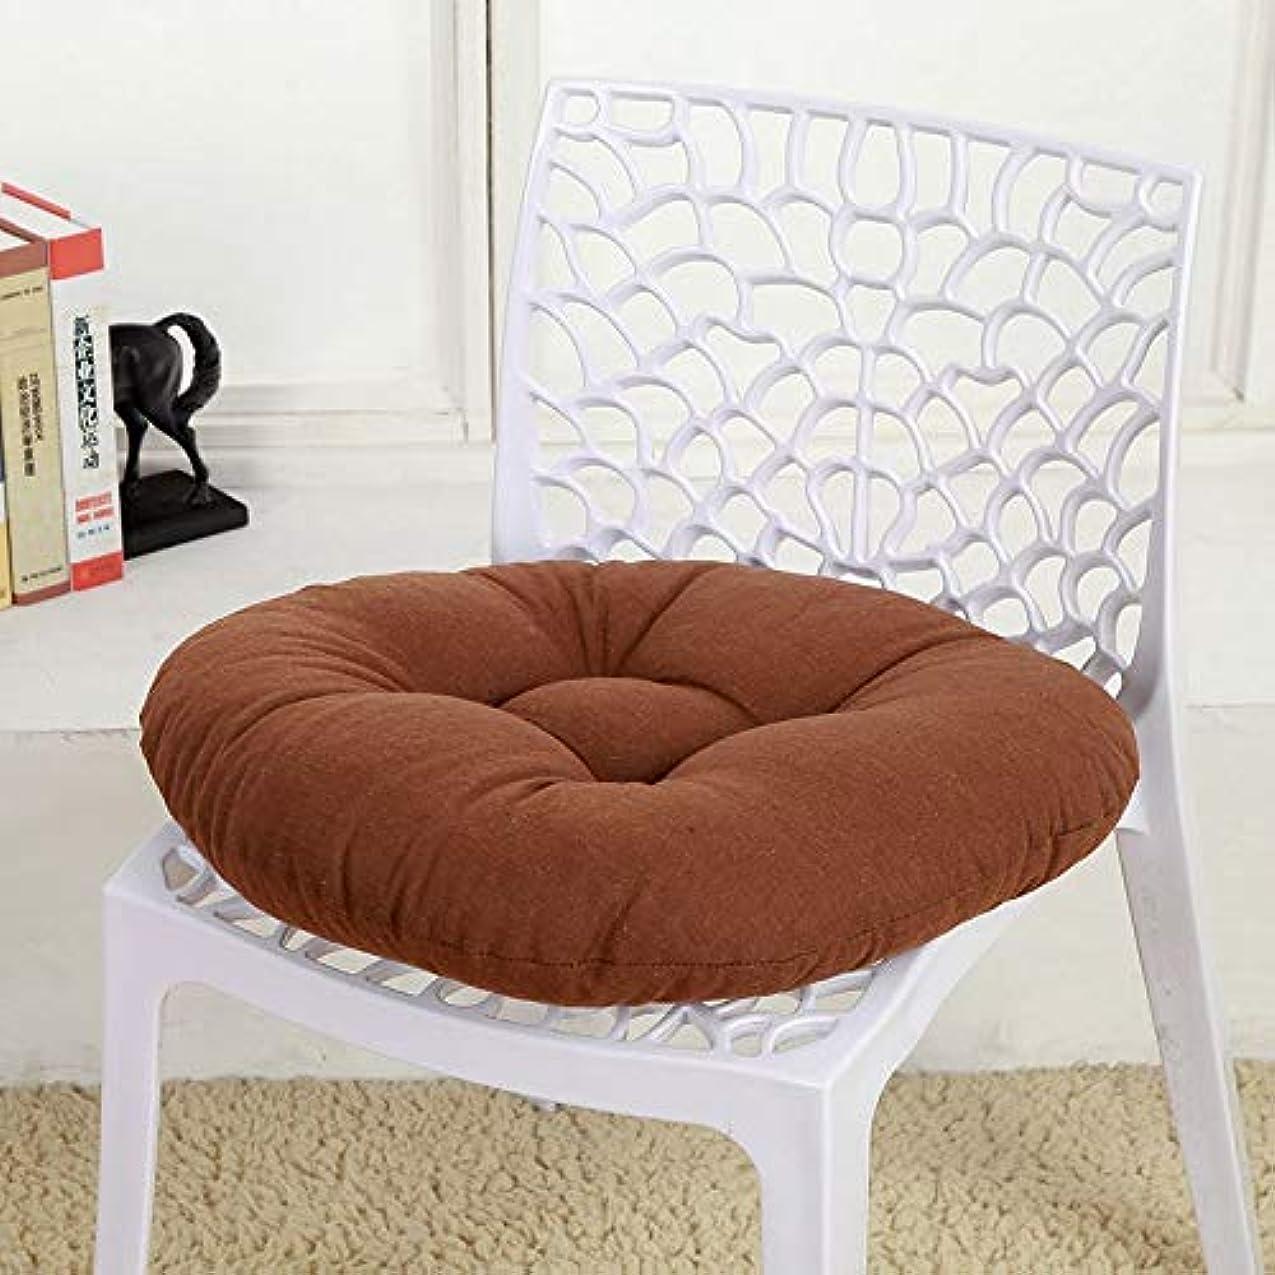 王女スキップアラブサラボLIFE キャンディカラーのクッションラウンドシートクッション波ウィンドウシートクッションクッション家の装飾パッドラウンド枕シート枕椅子座る枕 クッション 椅子